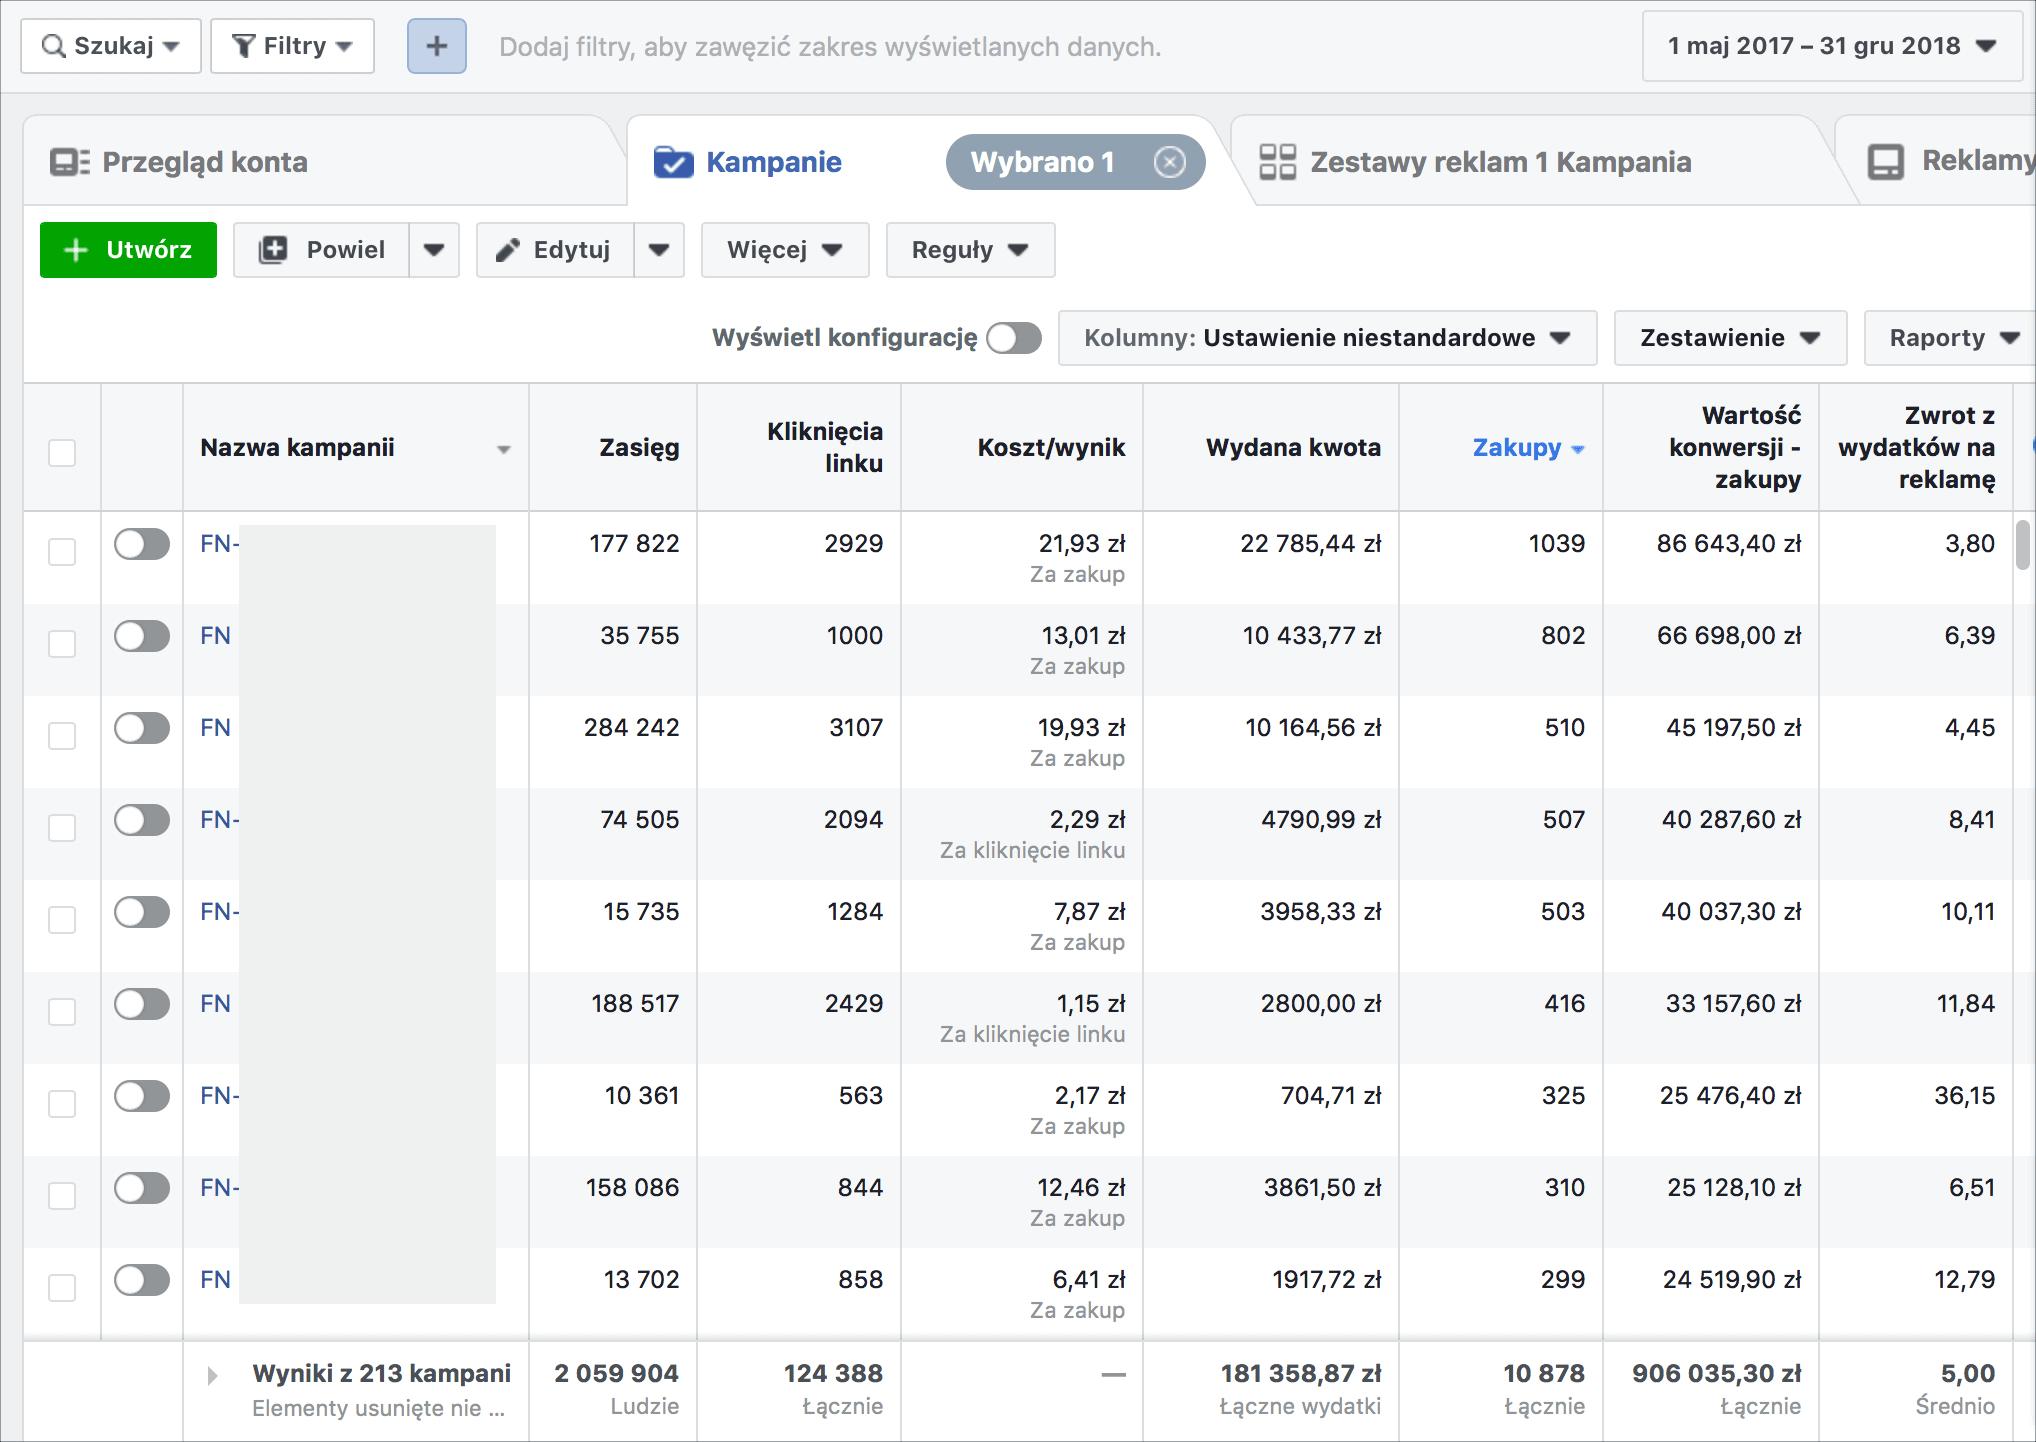 Wyniki kampanii reklamowych FinNinja na Facebooku